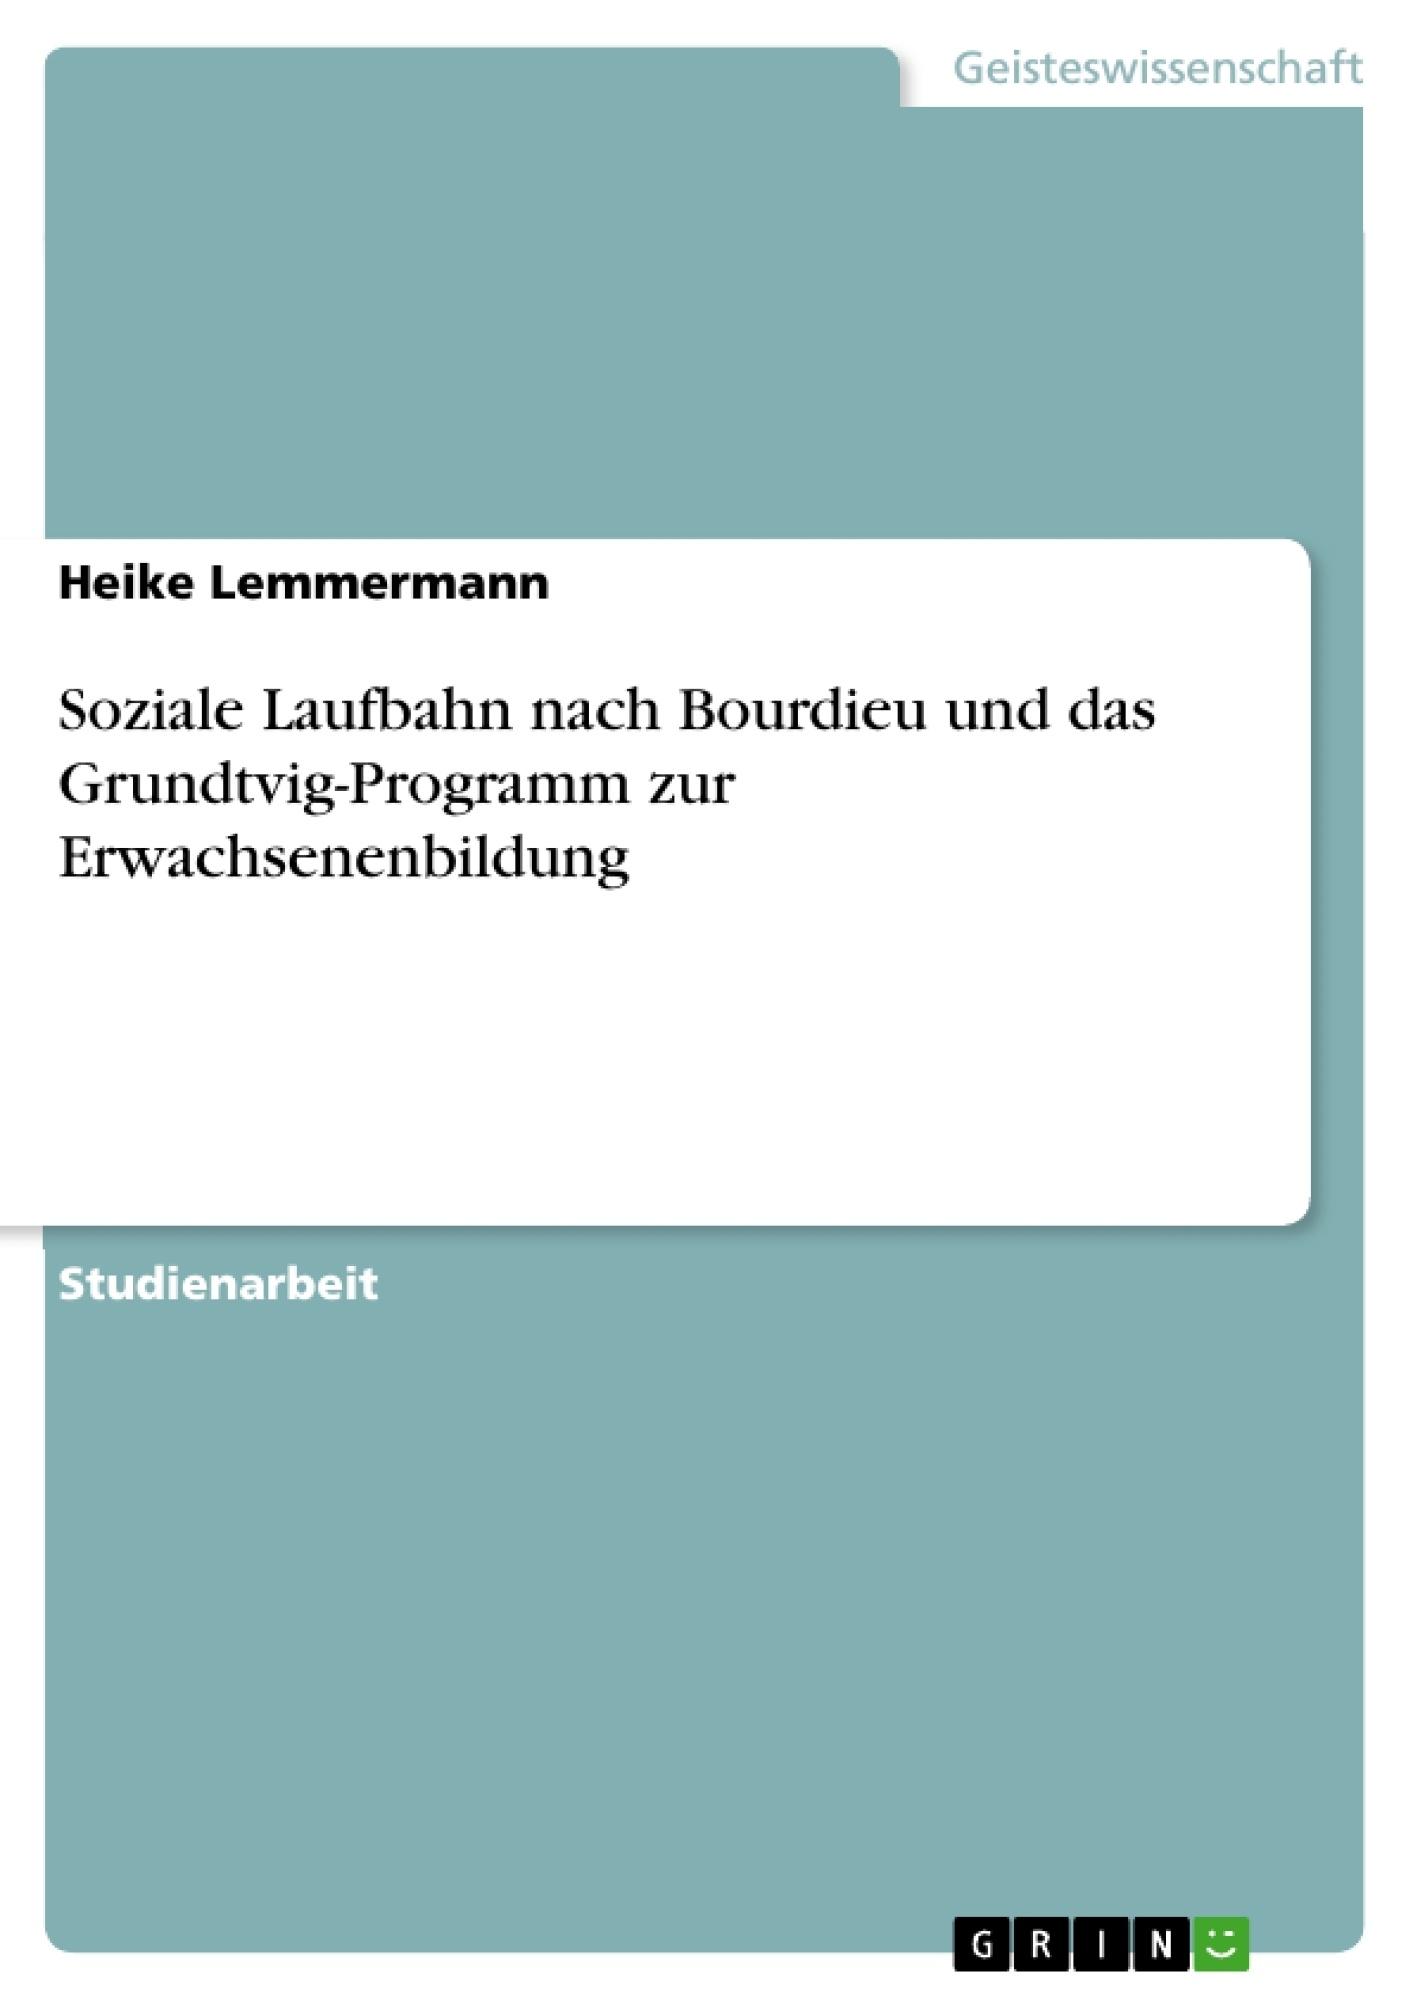 Titel: Soziale Laufbahn nach Bourdieu und das Grundtvig-Programm zur Erwachsenenbildung